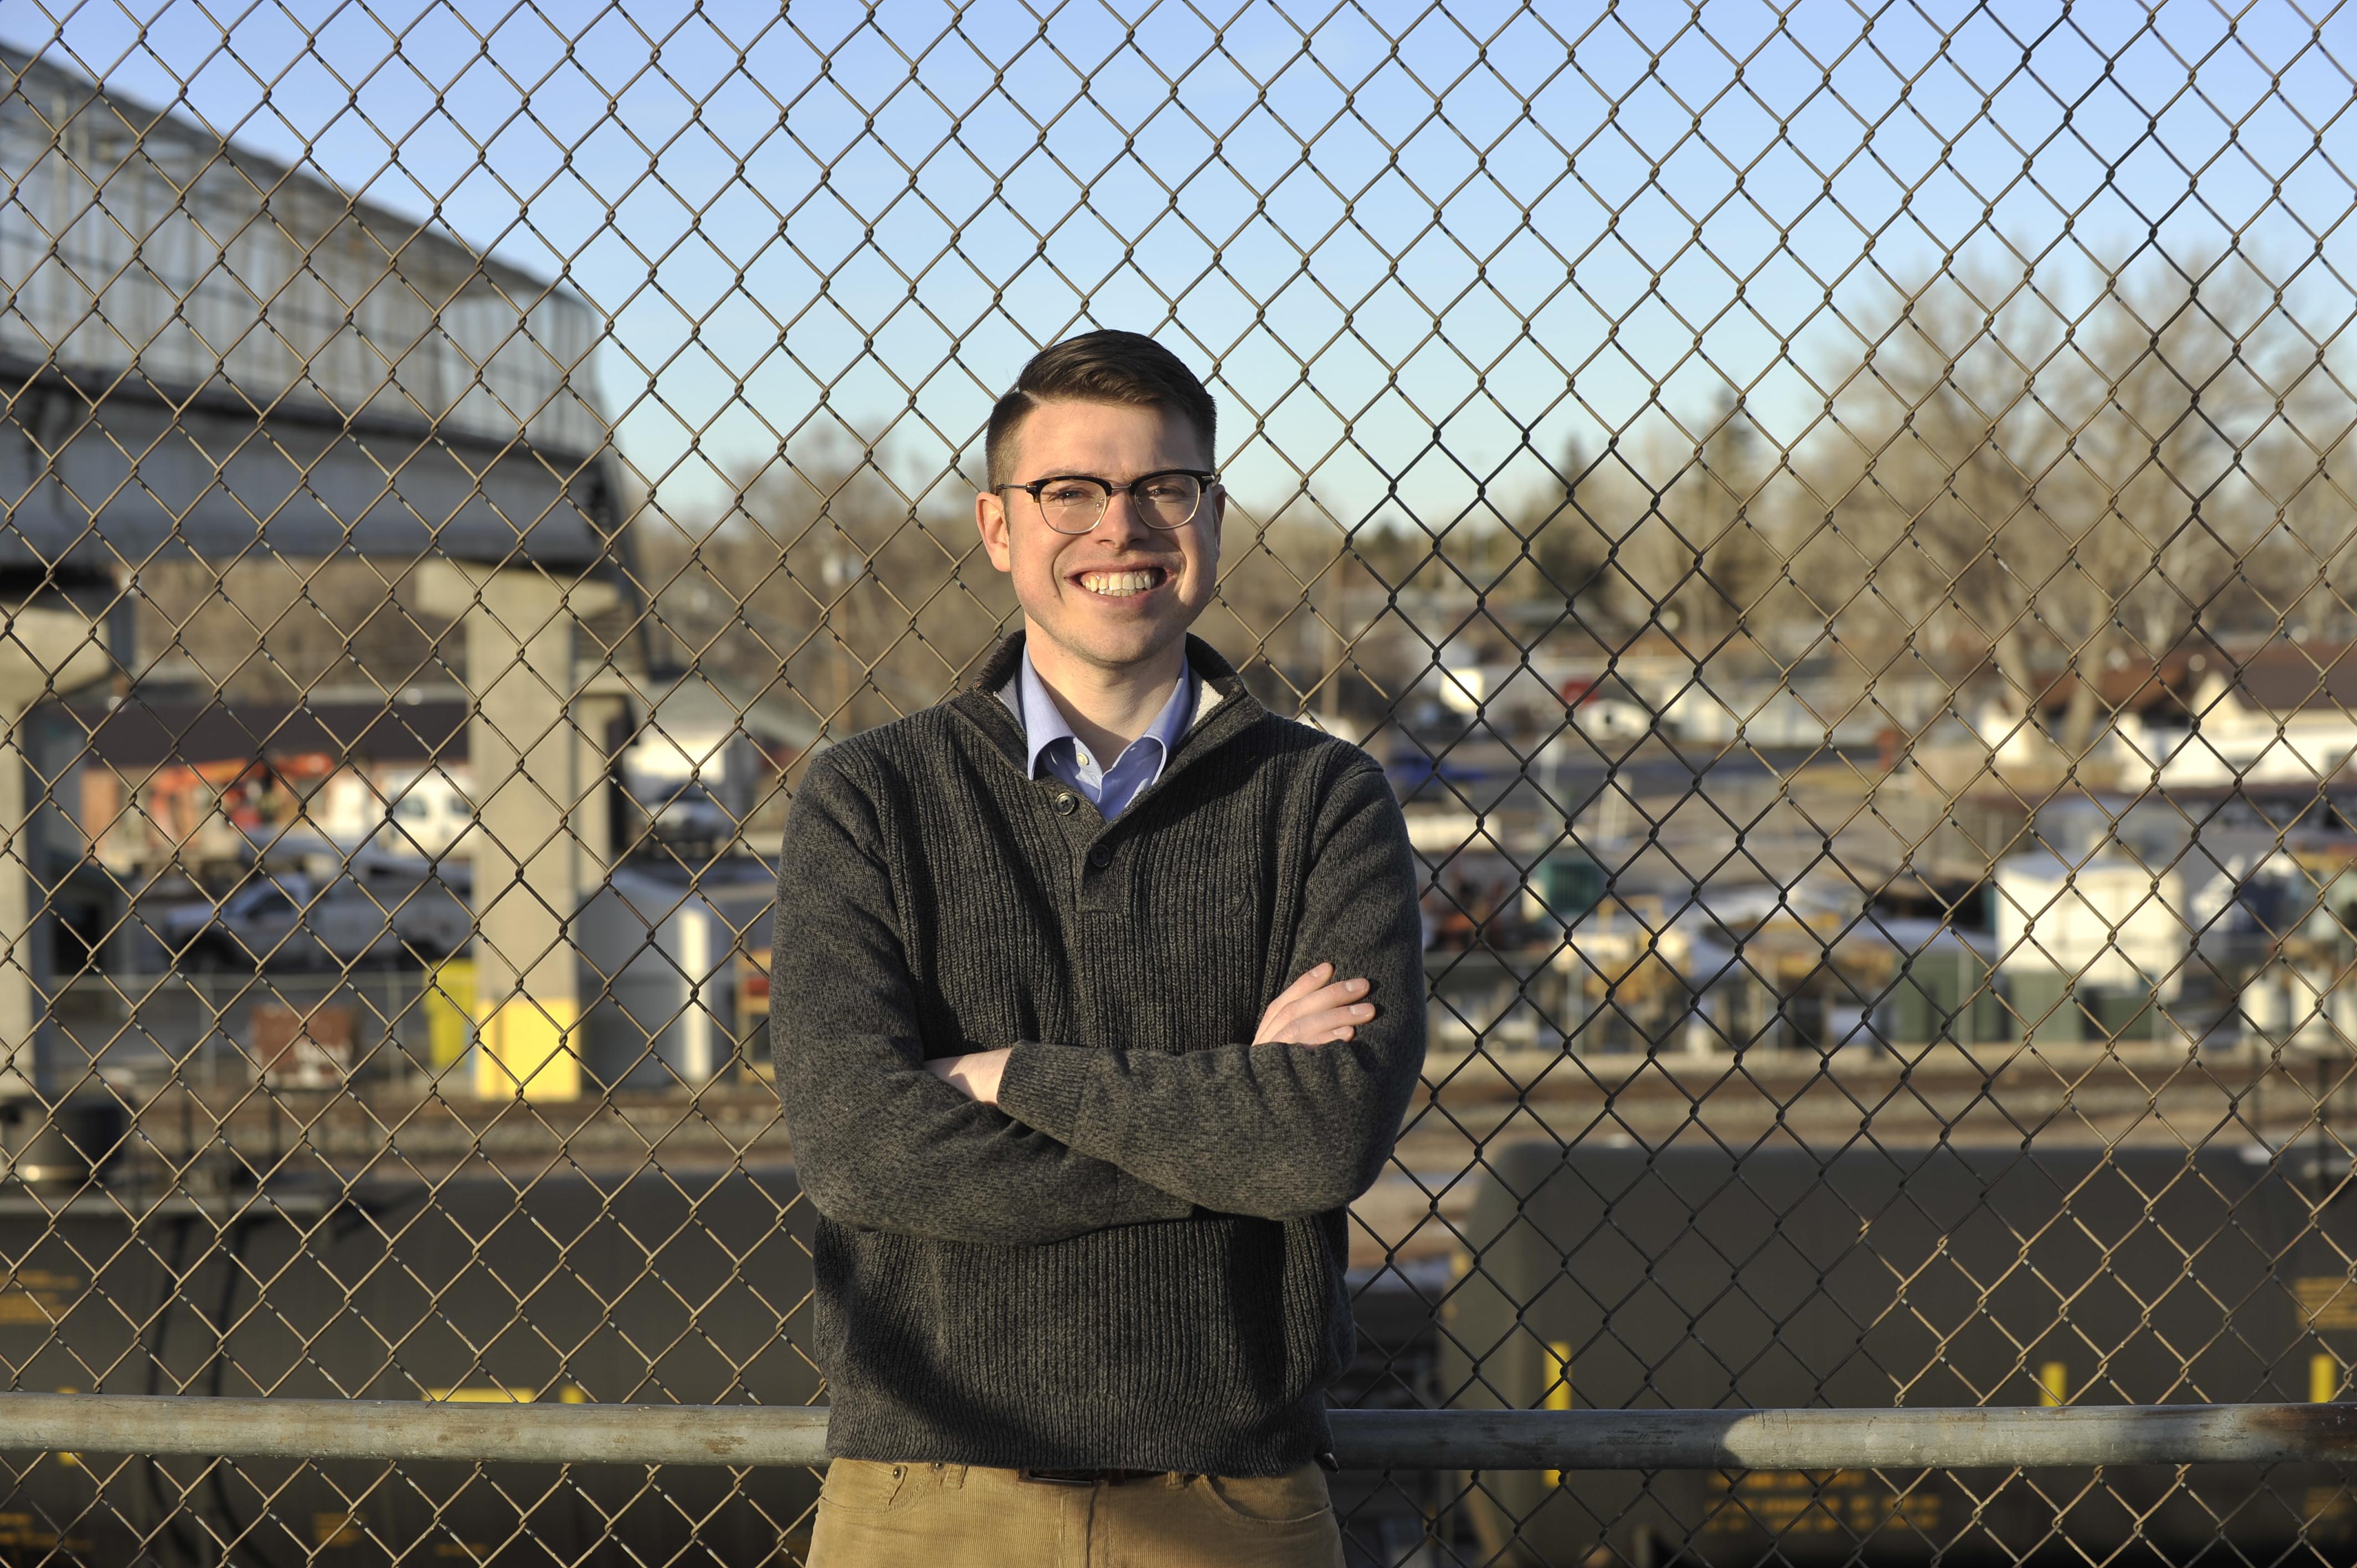 Attorney Alex Berger